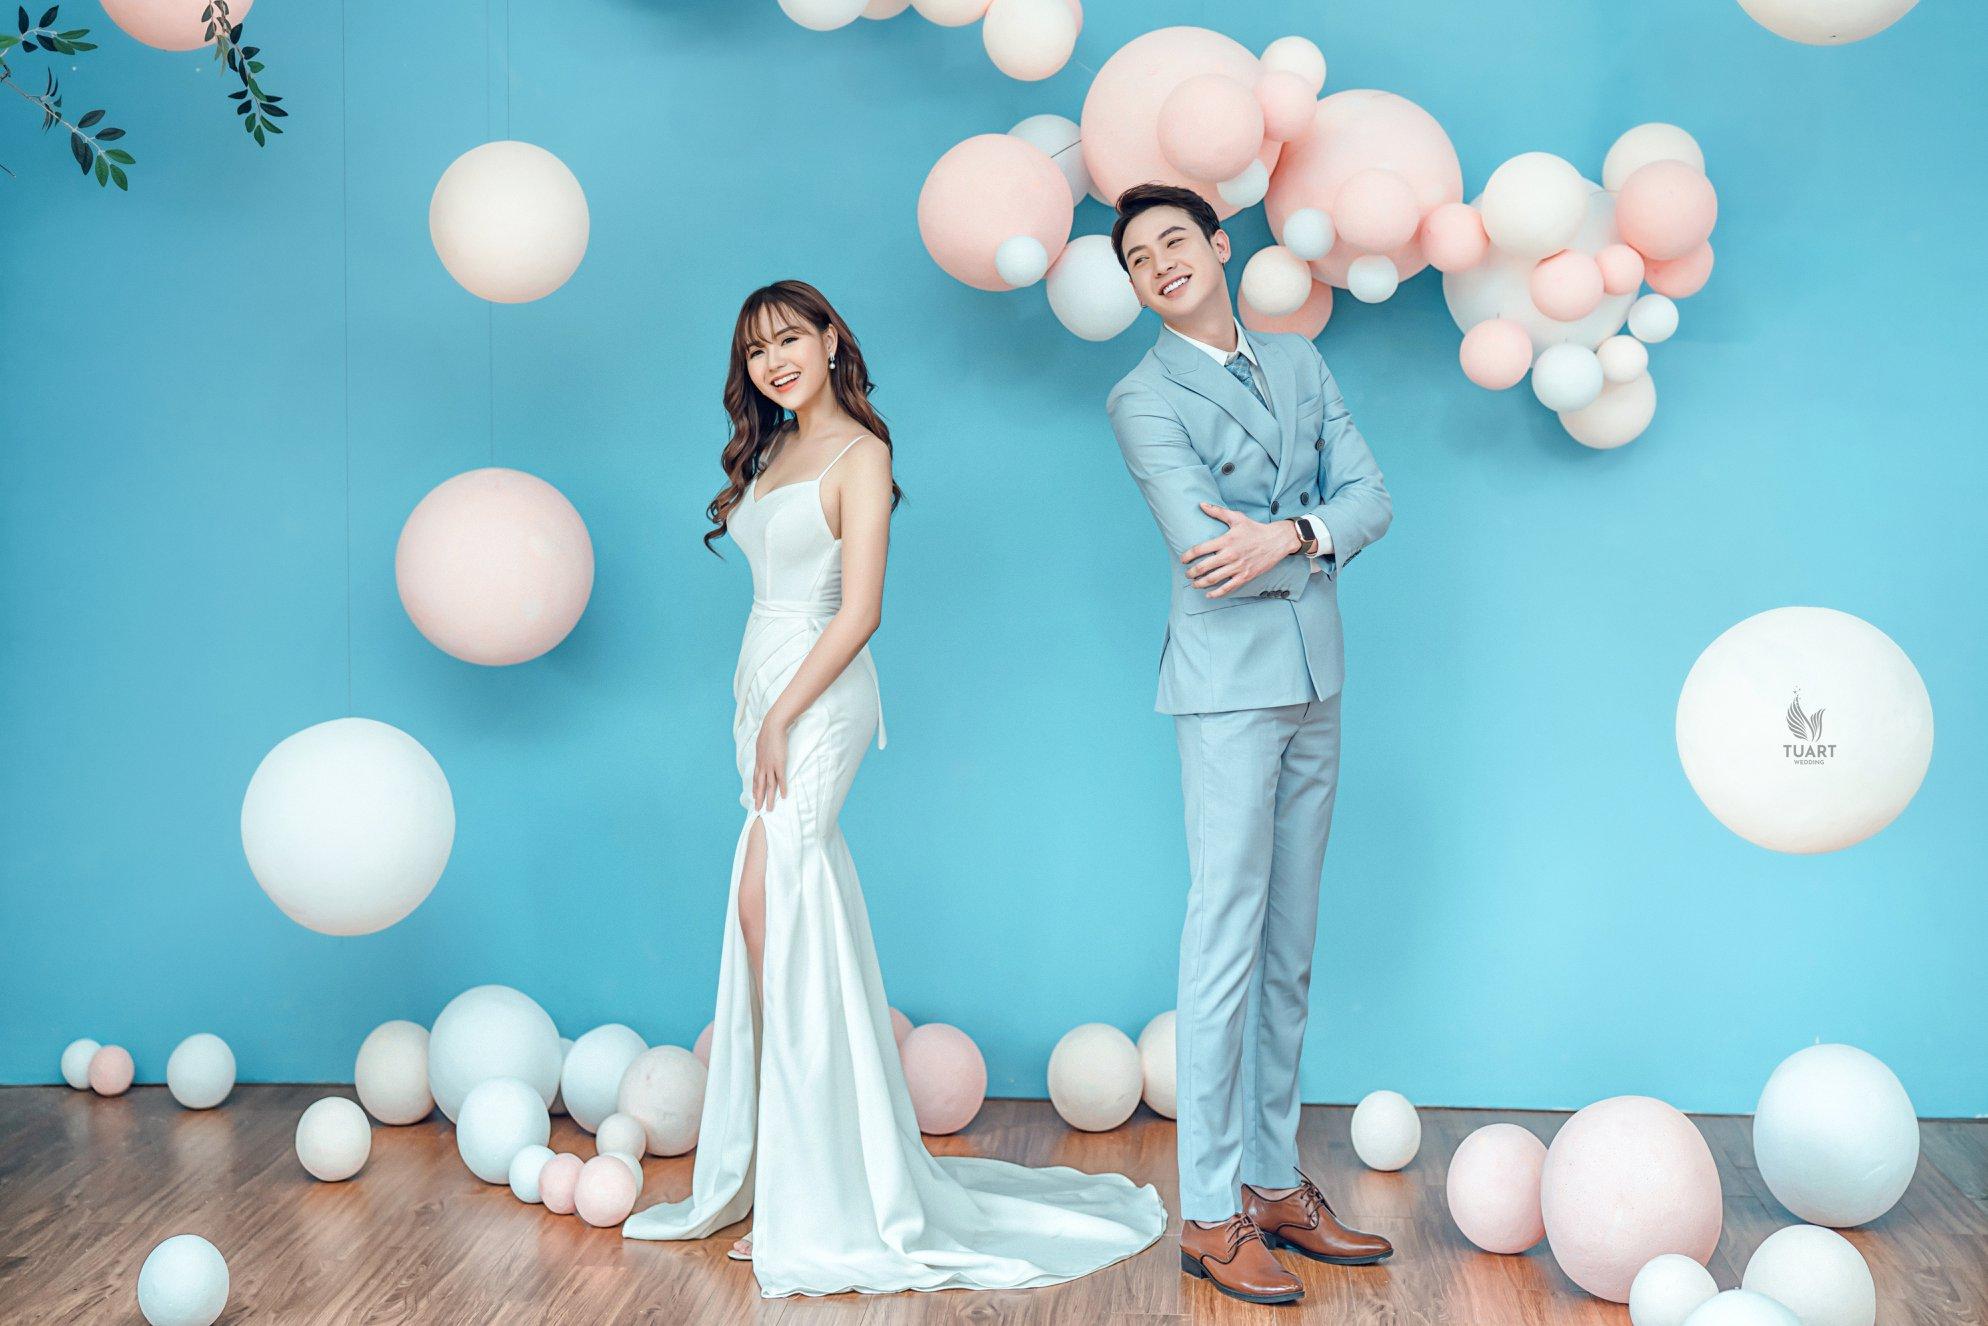 Top 5 Studio chụp hình cưới đẹp nhất huyện Nhà Bè, TP.HCM